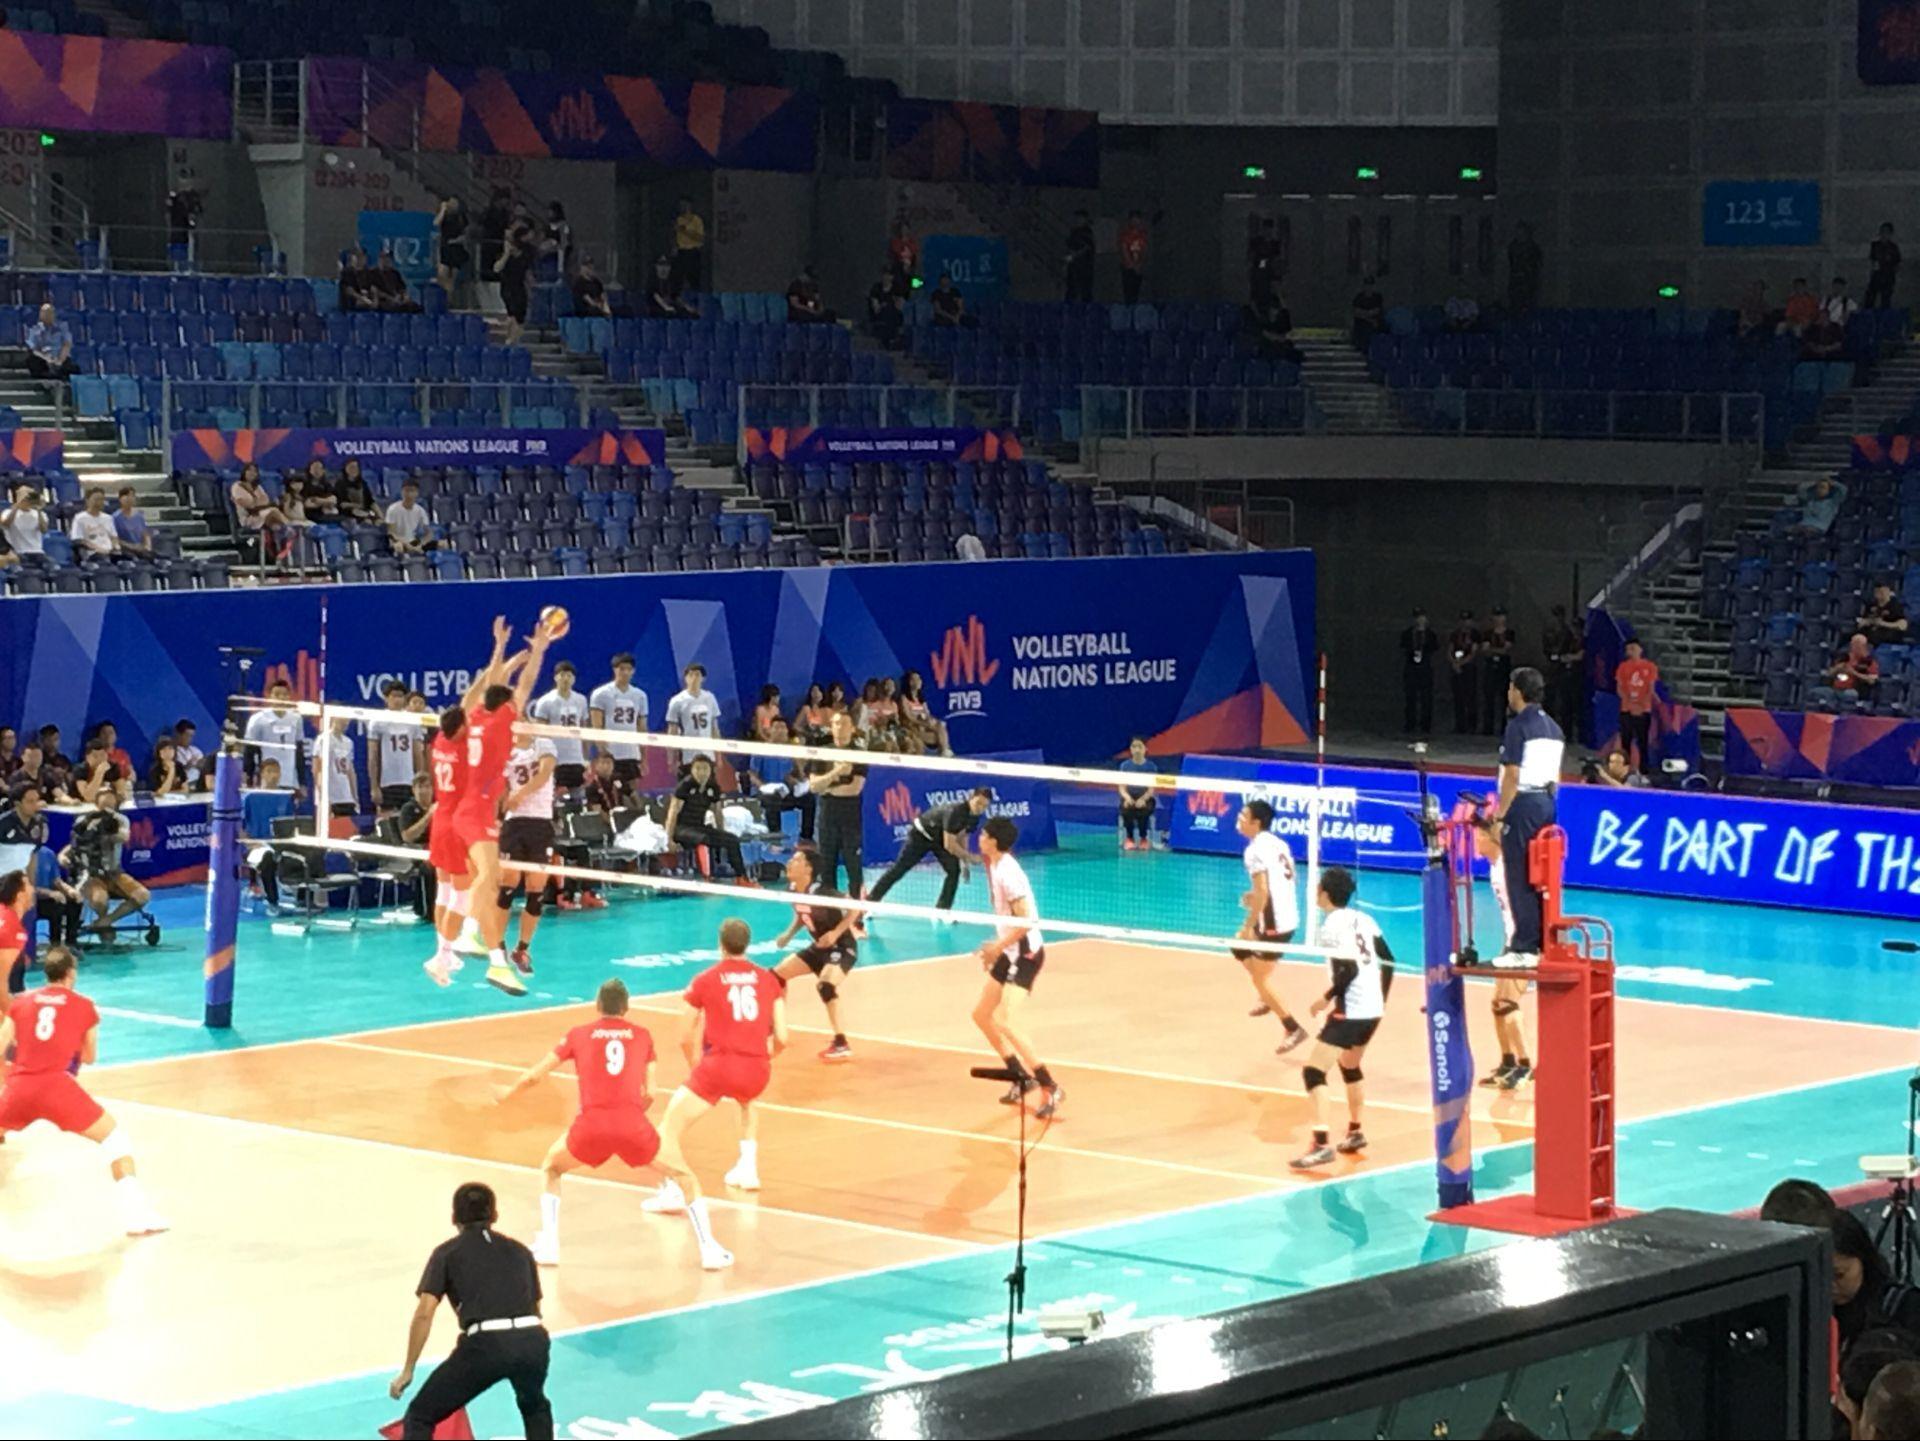 世界男排联赛江门站:塞尔维亚队3-1战胜日本队